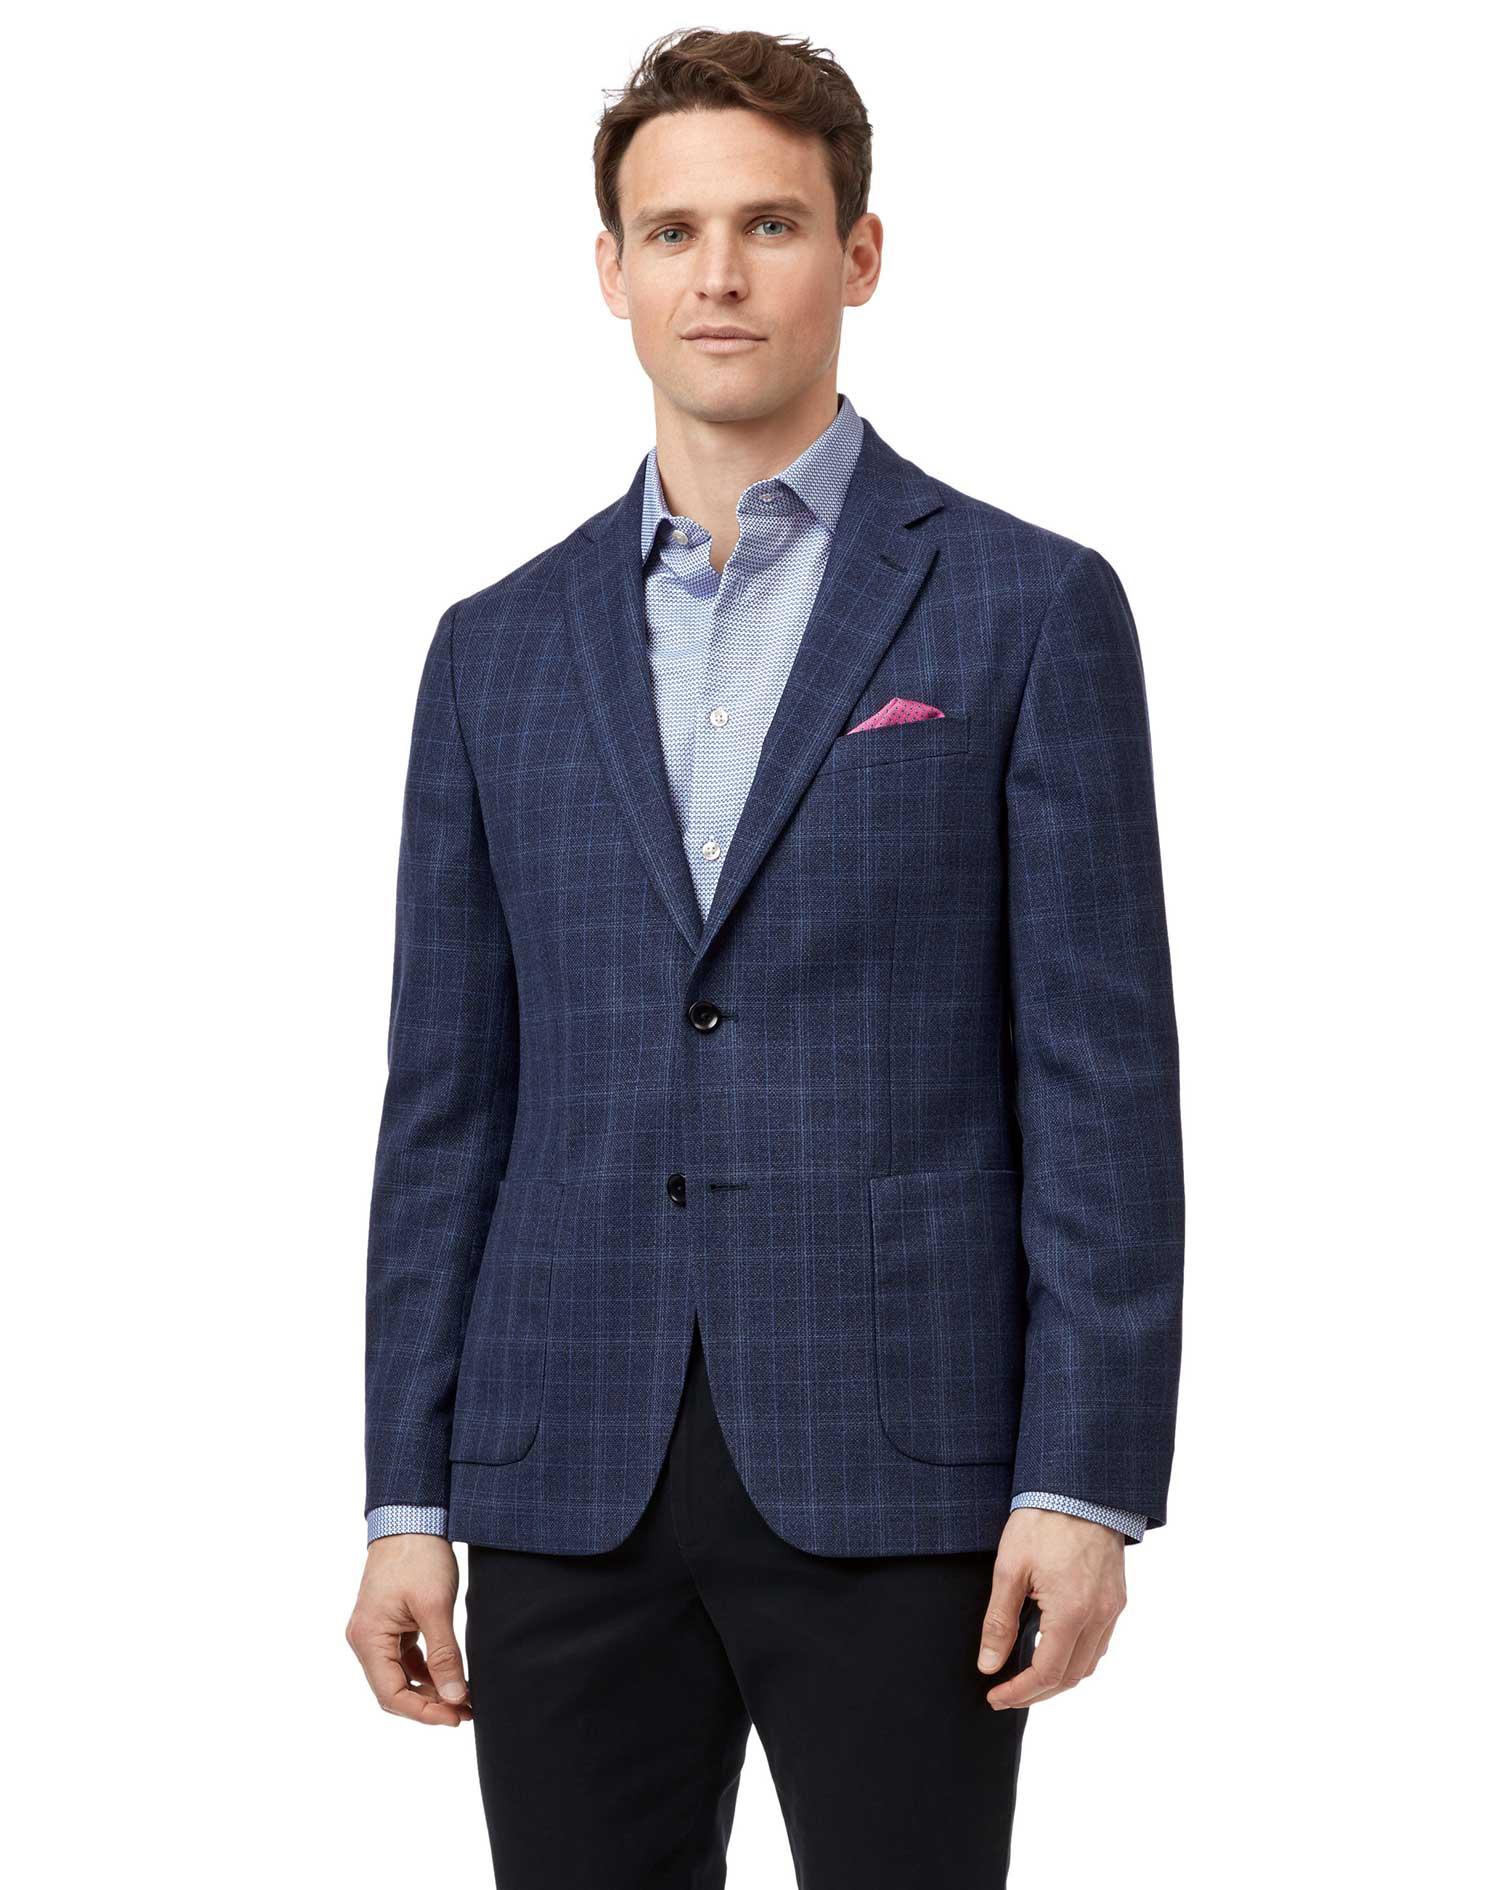 Slim Fit Indigo Checkered Italian Wool Blazer Size 40 Short by Charles Tyrwhitt